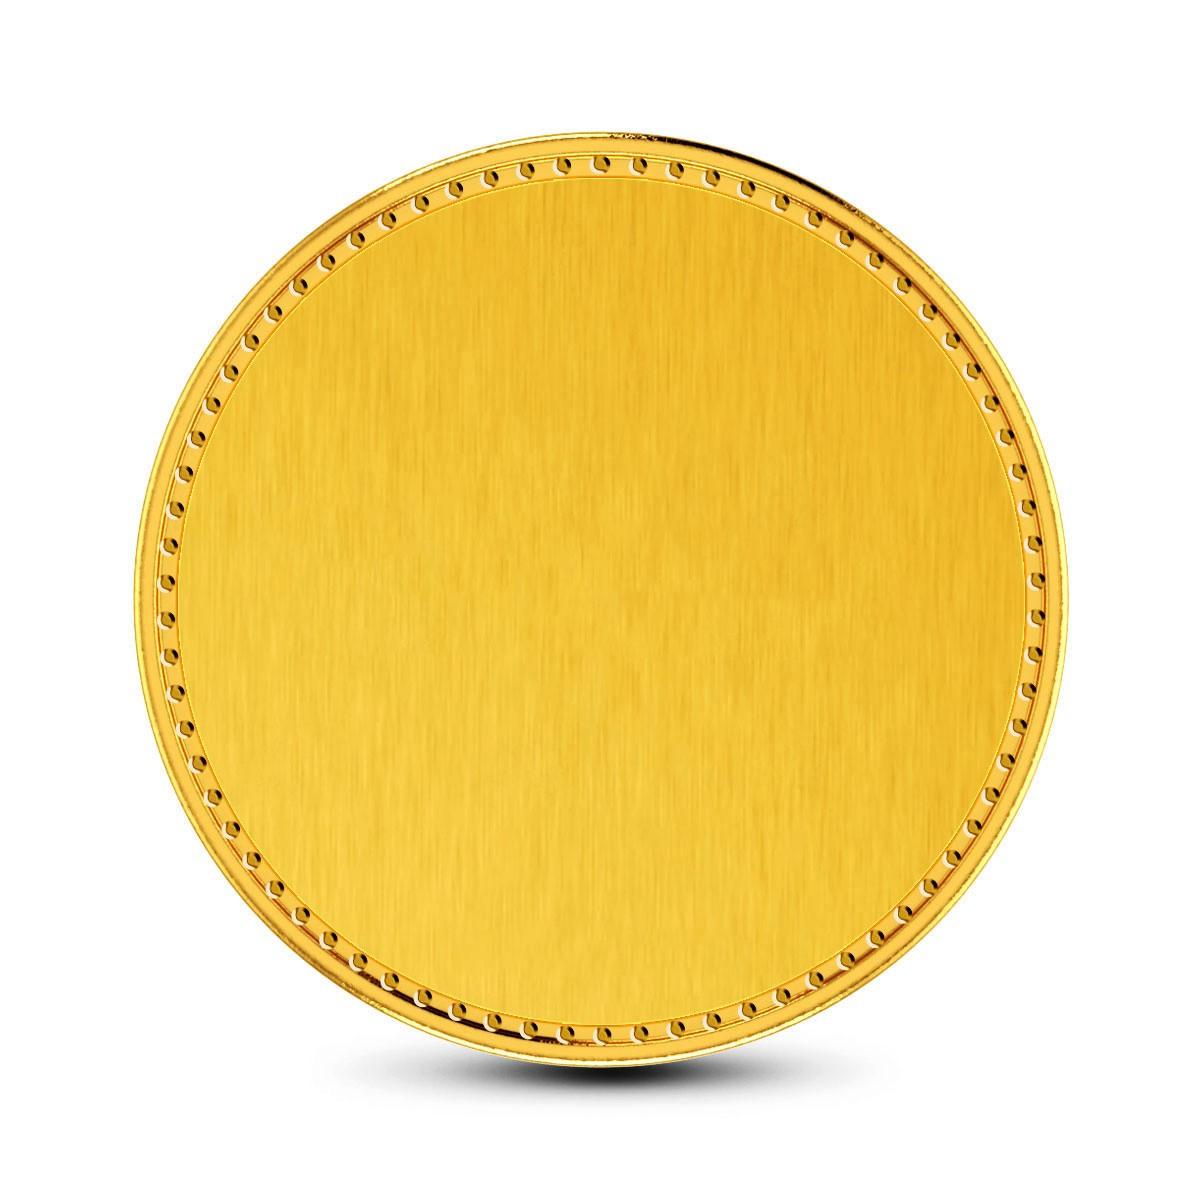 2 Gram 24Kt Plain Gold Coin